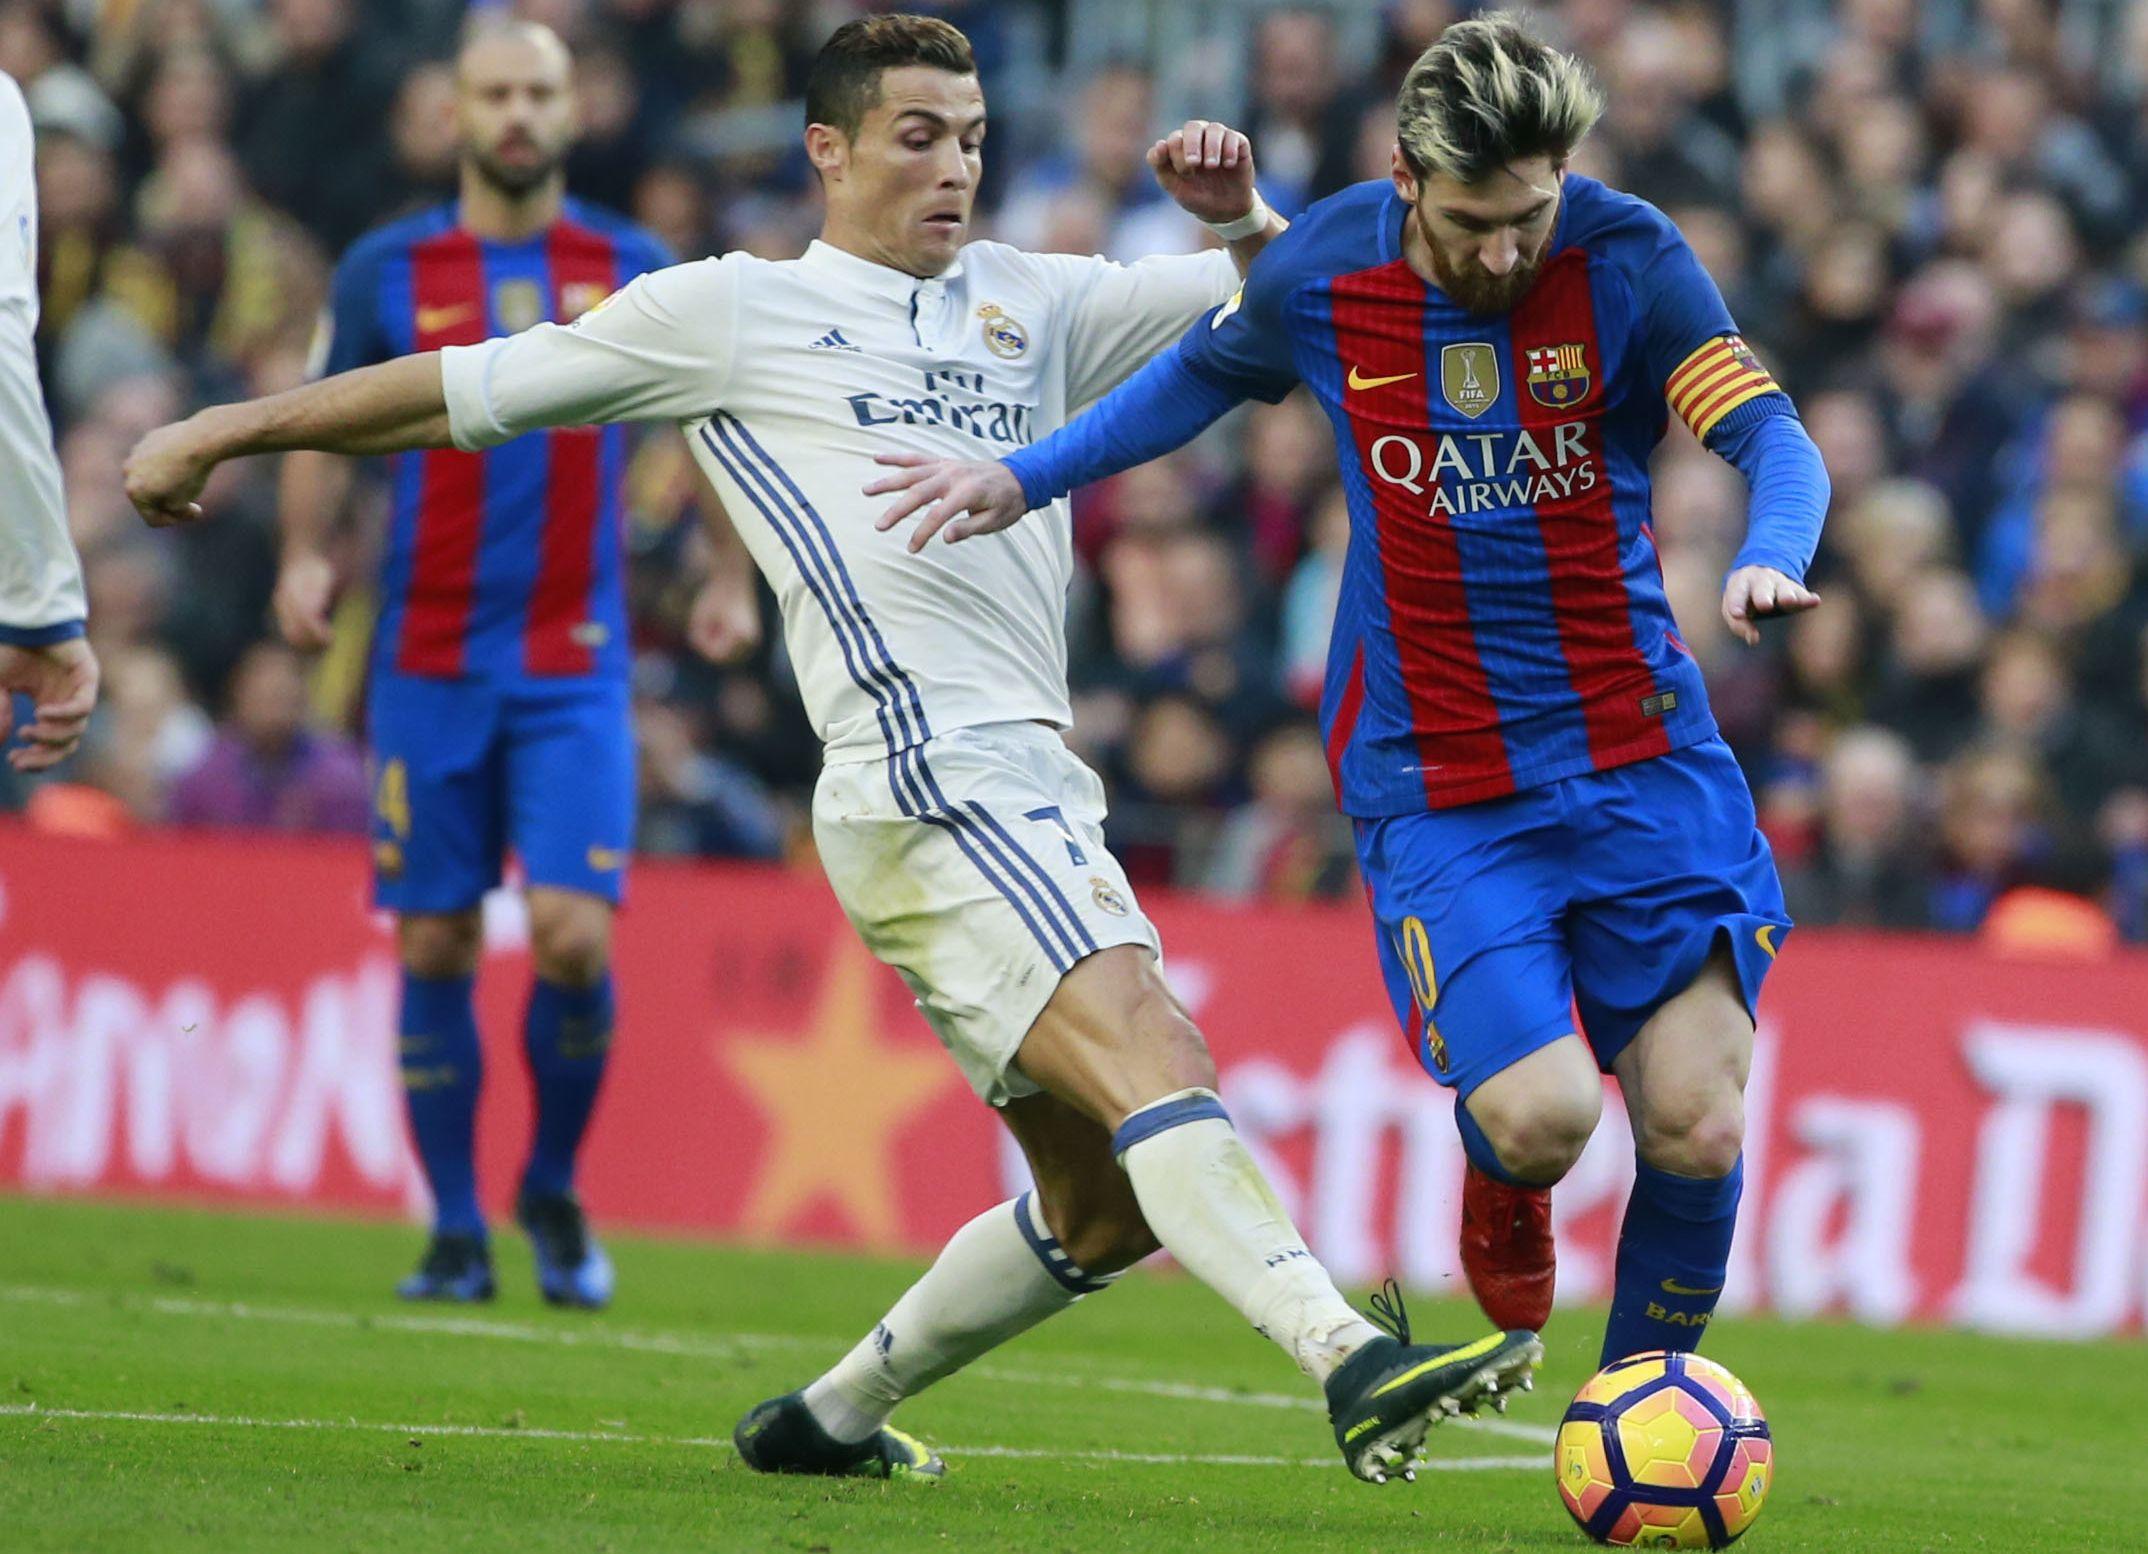 Regarder la supercoupe d 39 espagne en direct tv vid o match fc barcelone real madrid en live - Coupe d espagne en direct ...